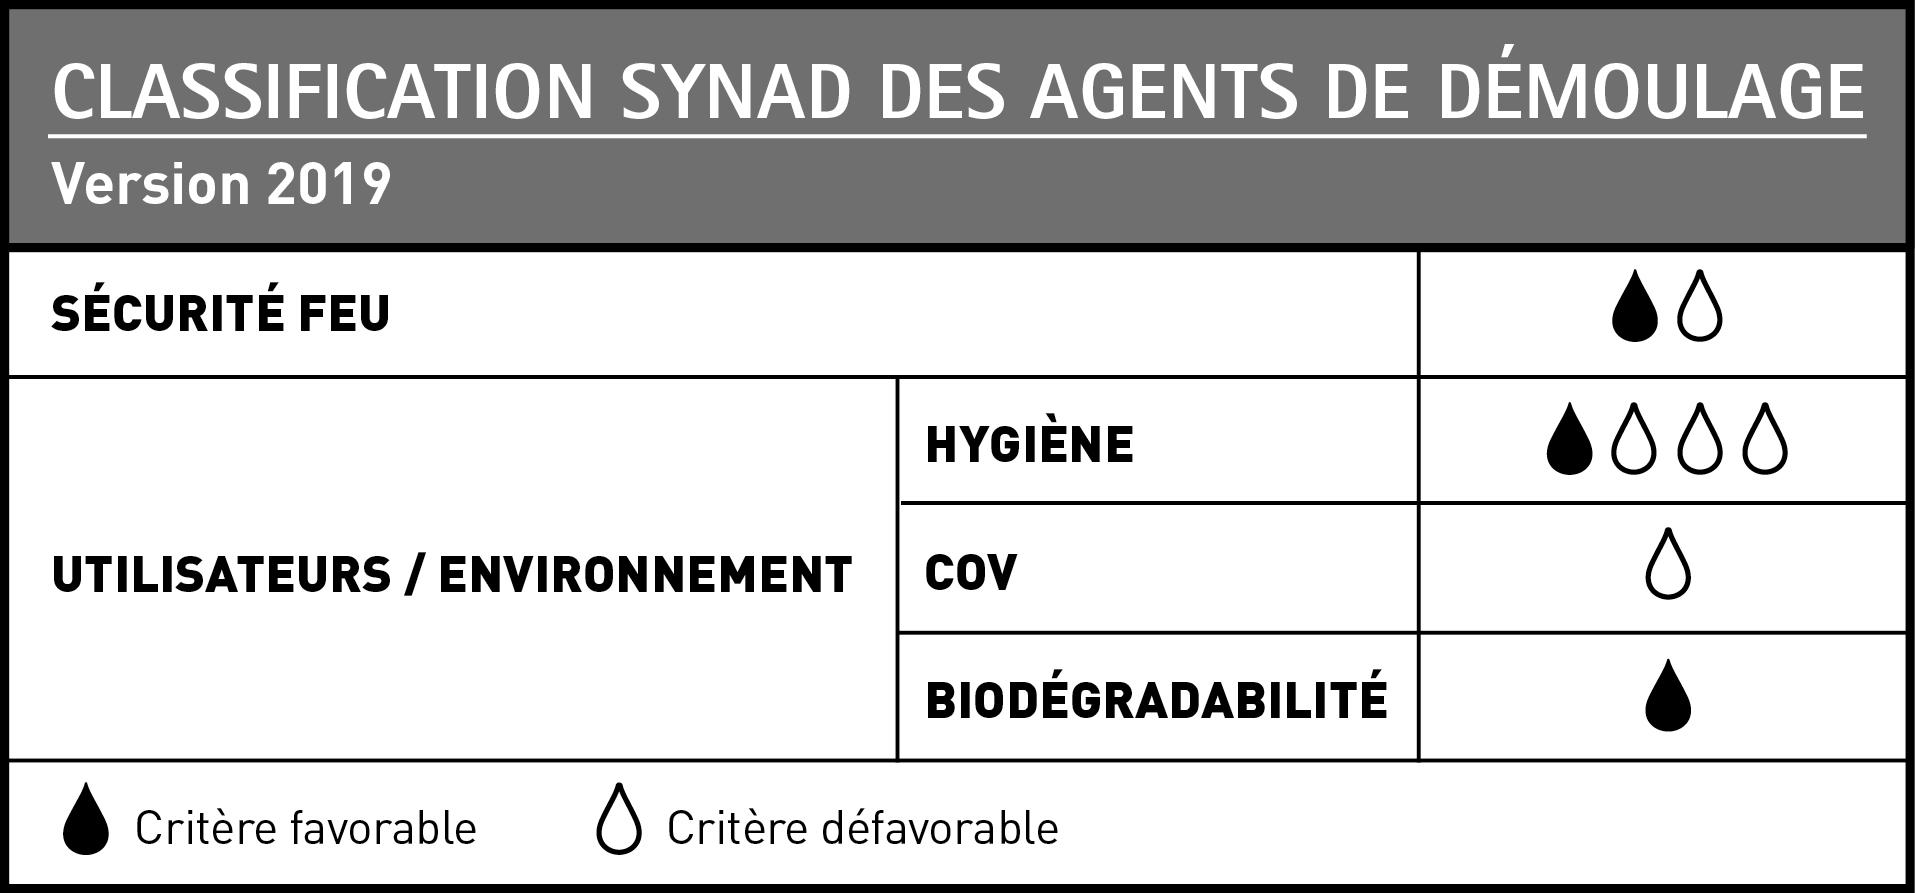 02-FR-synad-1-1-0-1.jpg